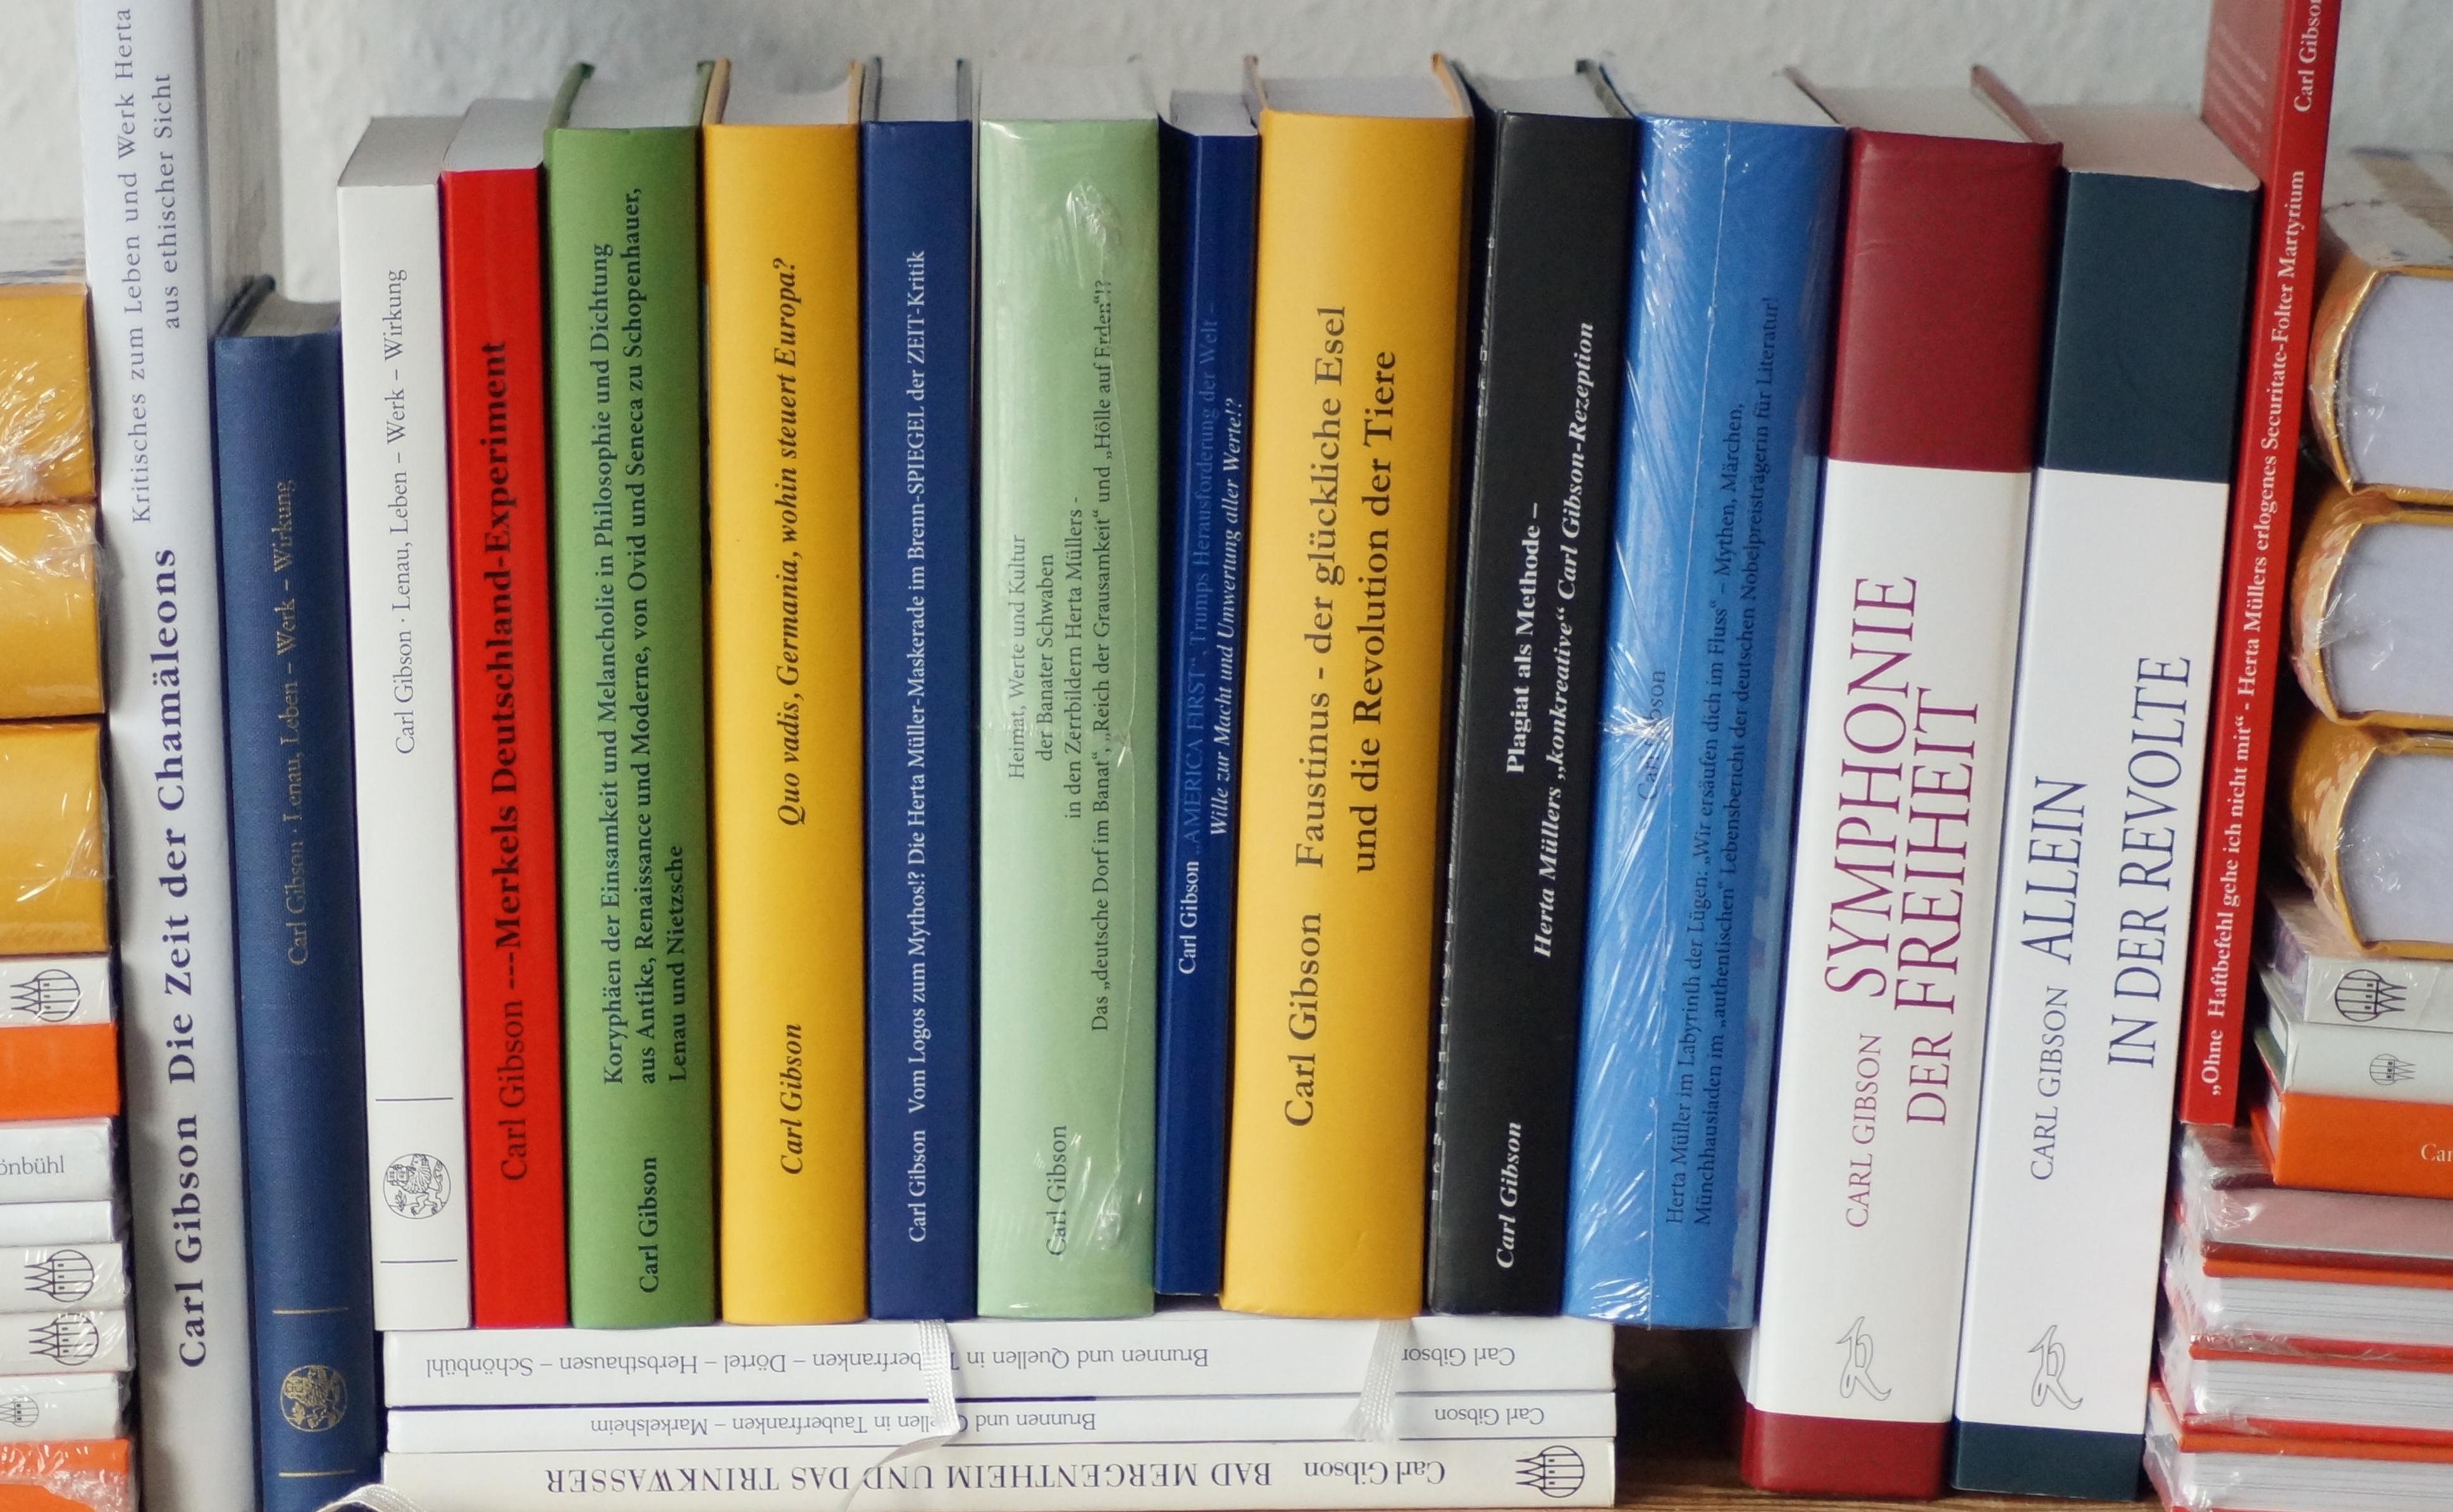 blasen und schlucken blue panther books leseprobe